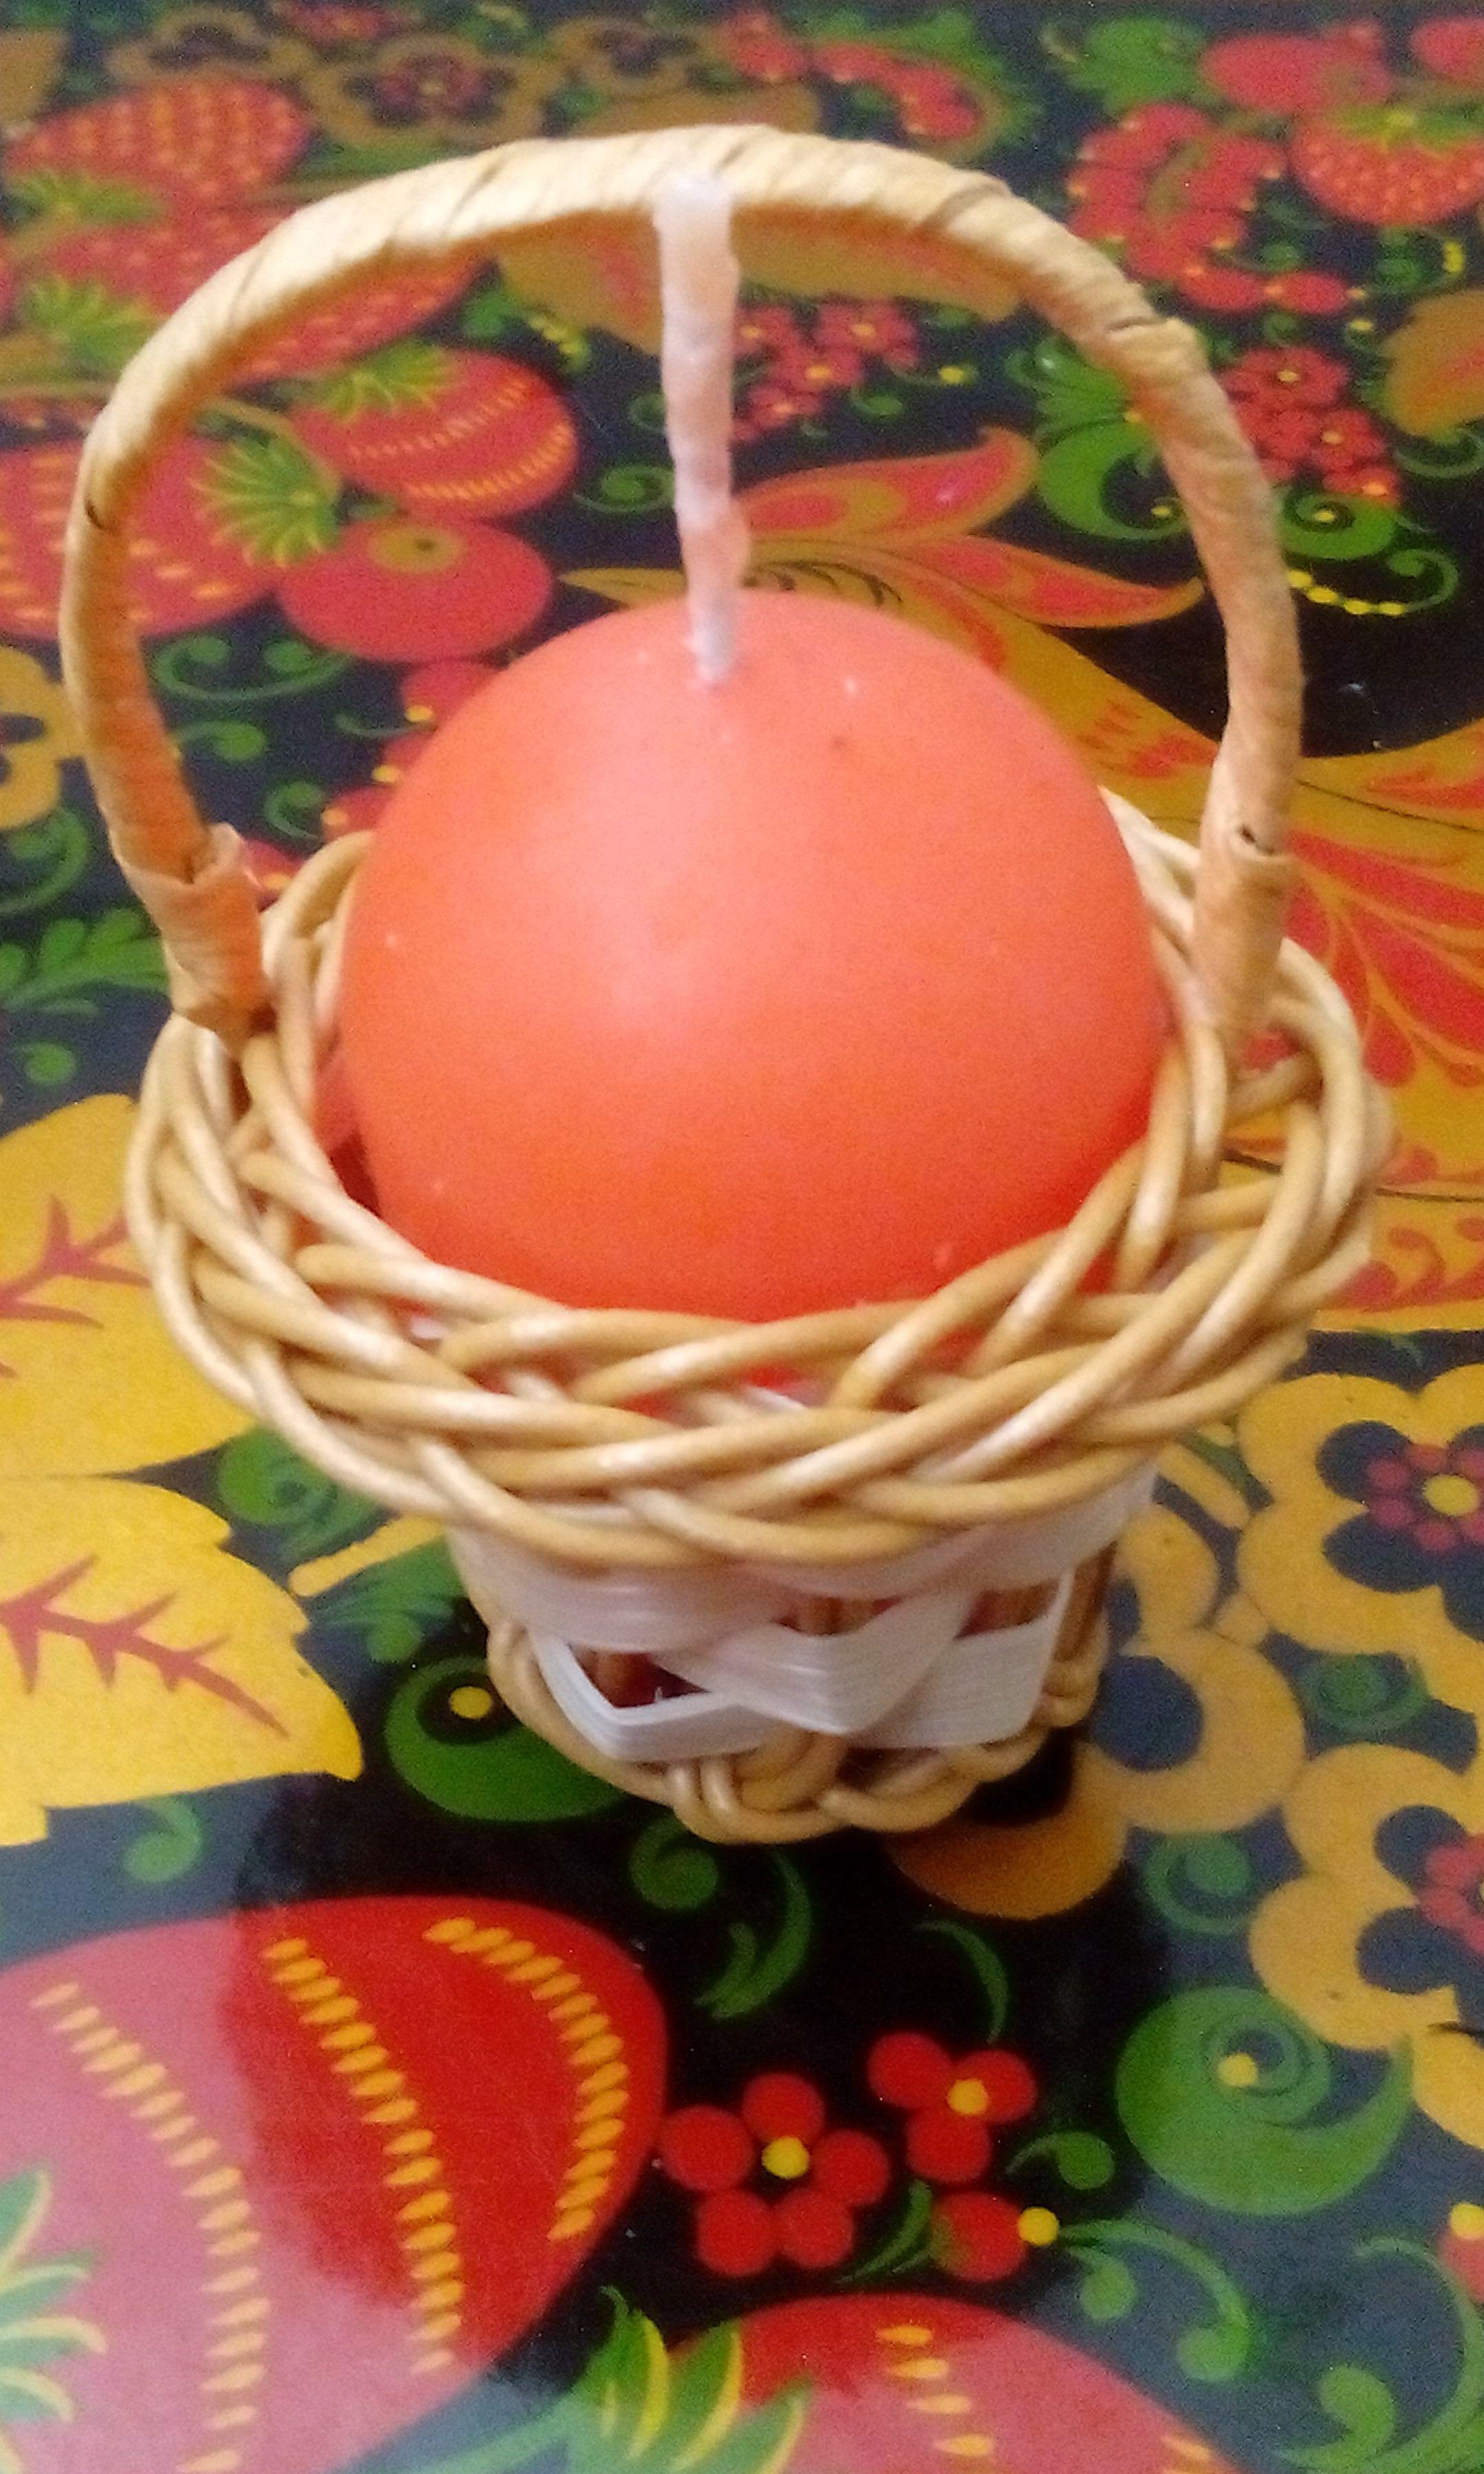 яйца свеча пасха яйцо свечка яички ручнаяработа свечи